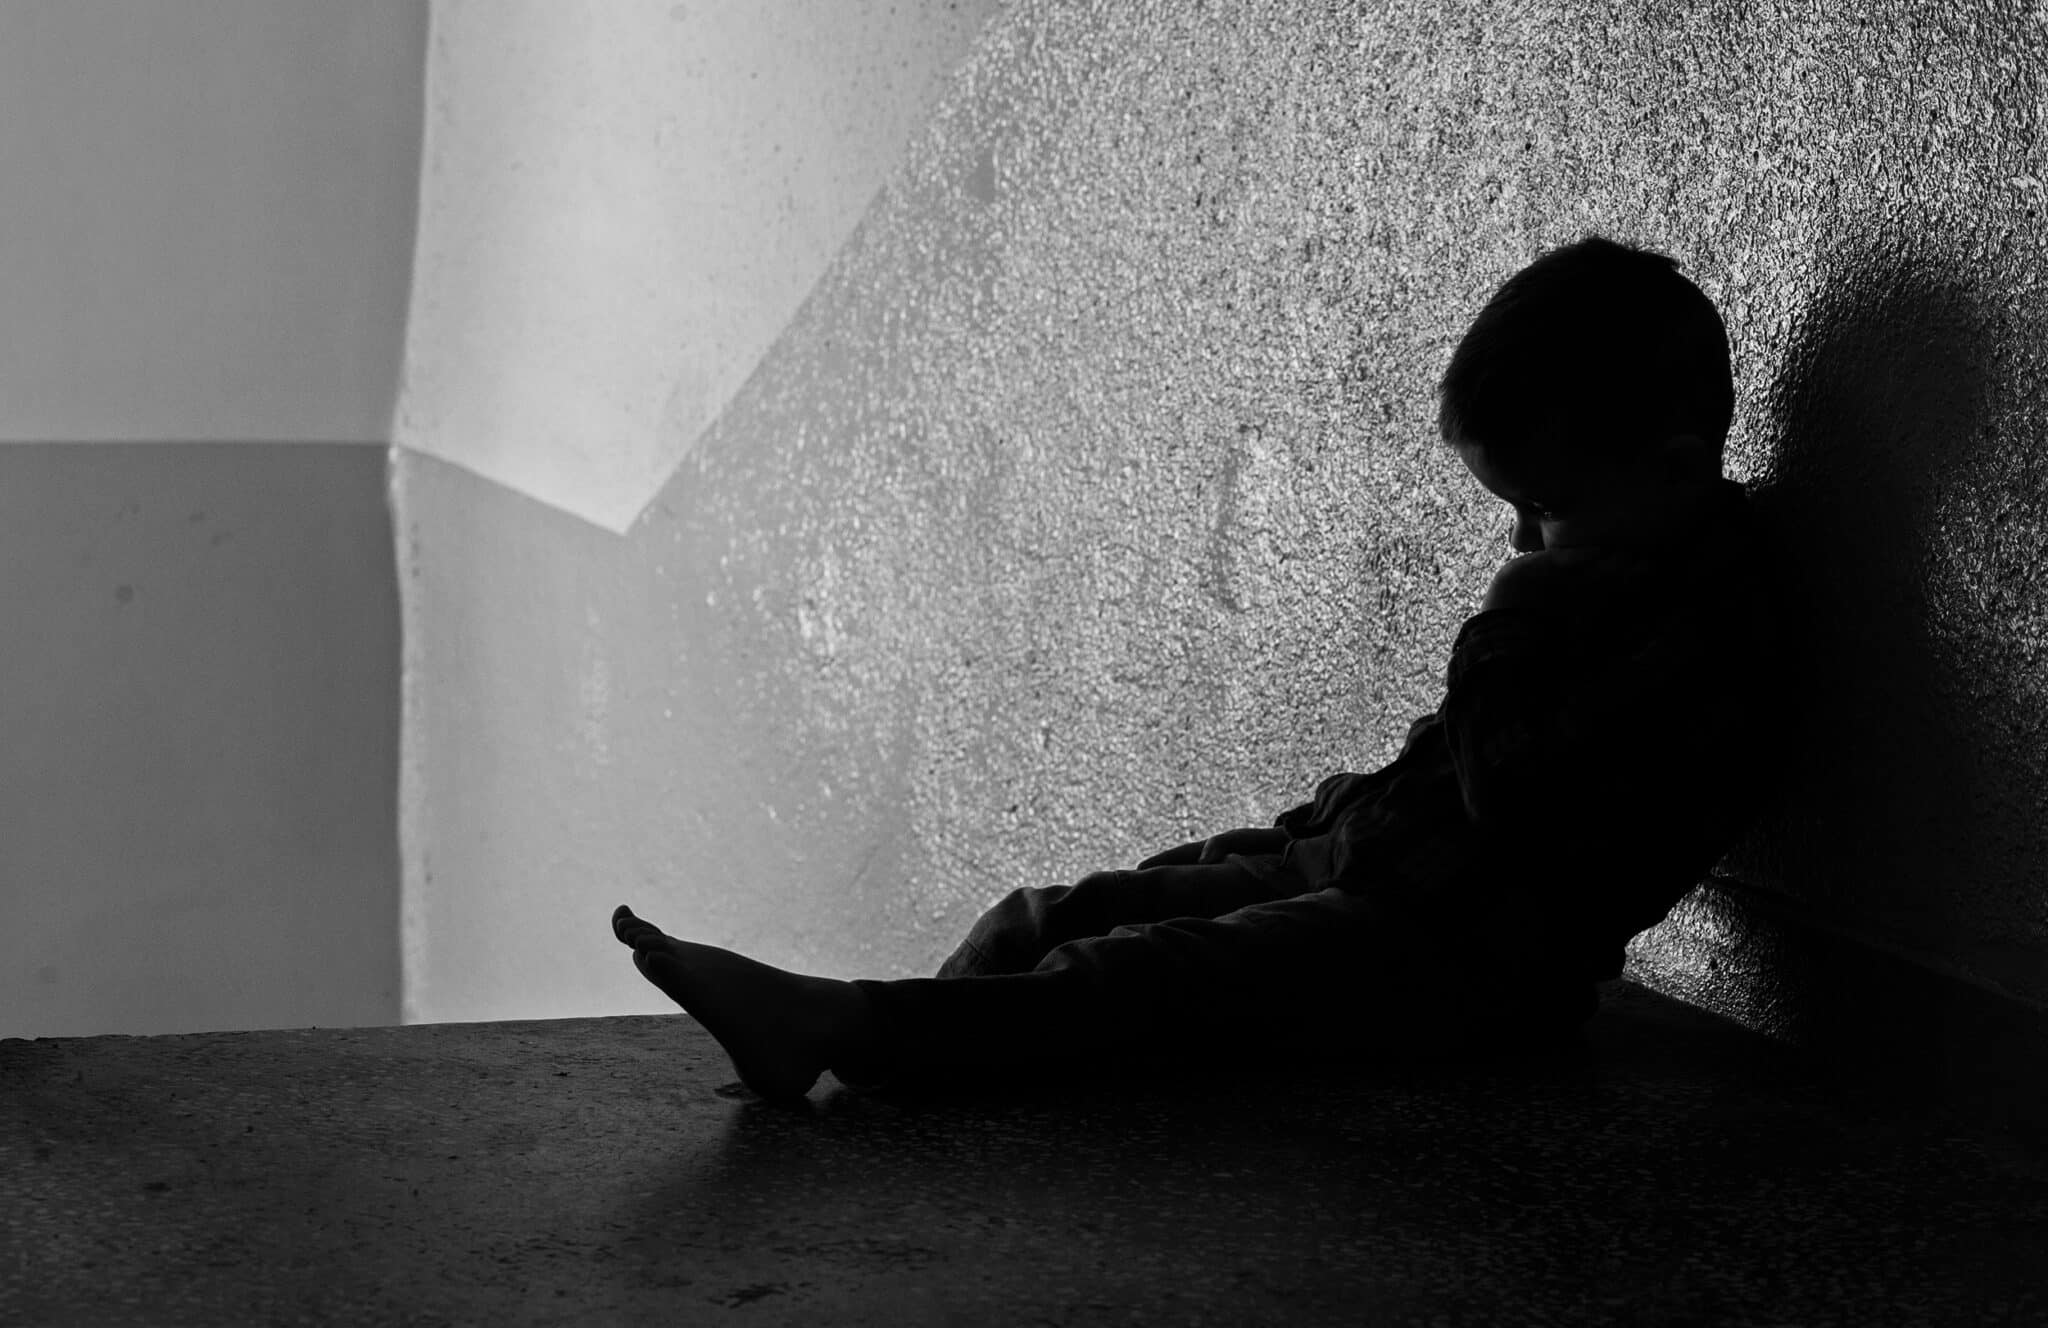 False accuse di abusi: l'assoluzione non compensa la sofferenza. Intervista all'Avv. Miraglia